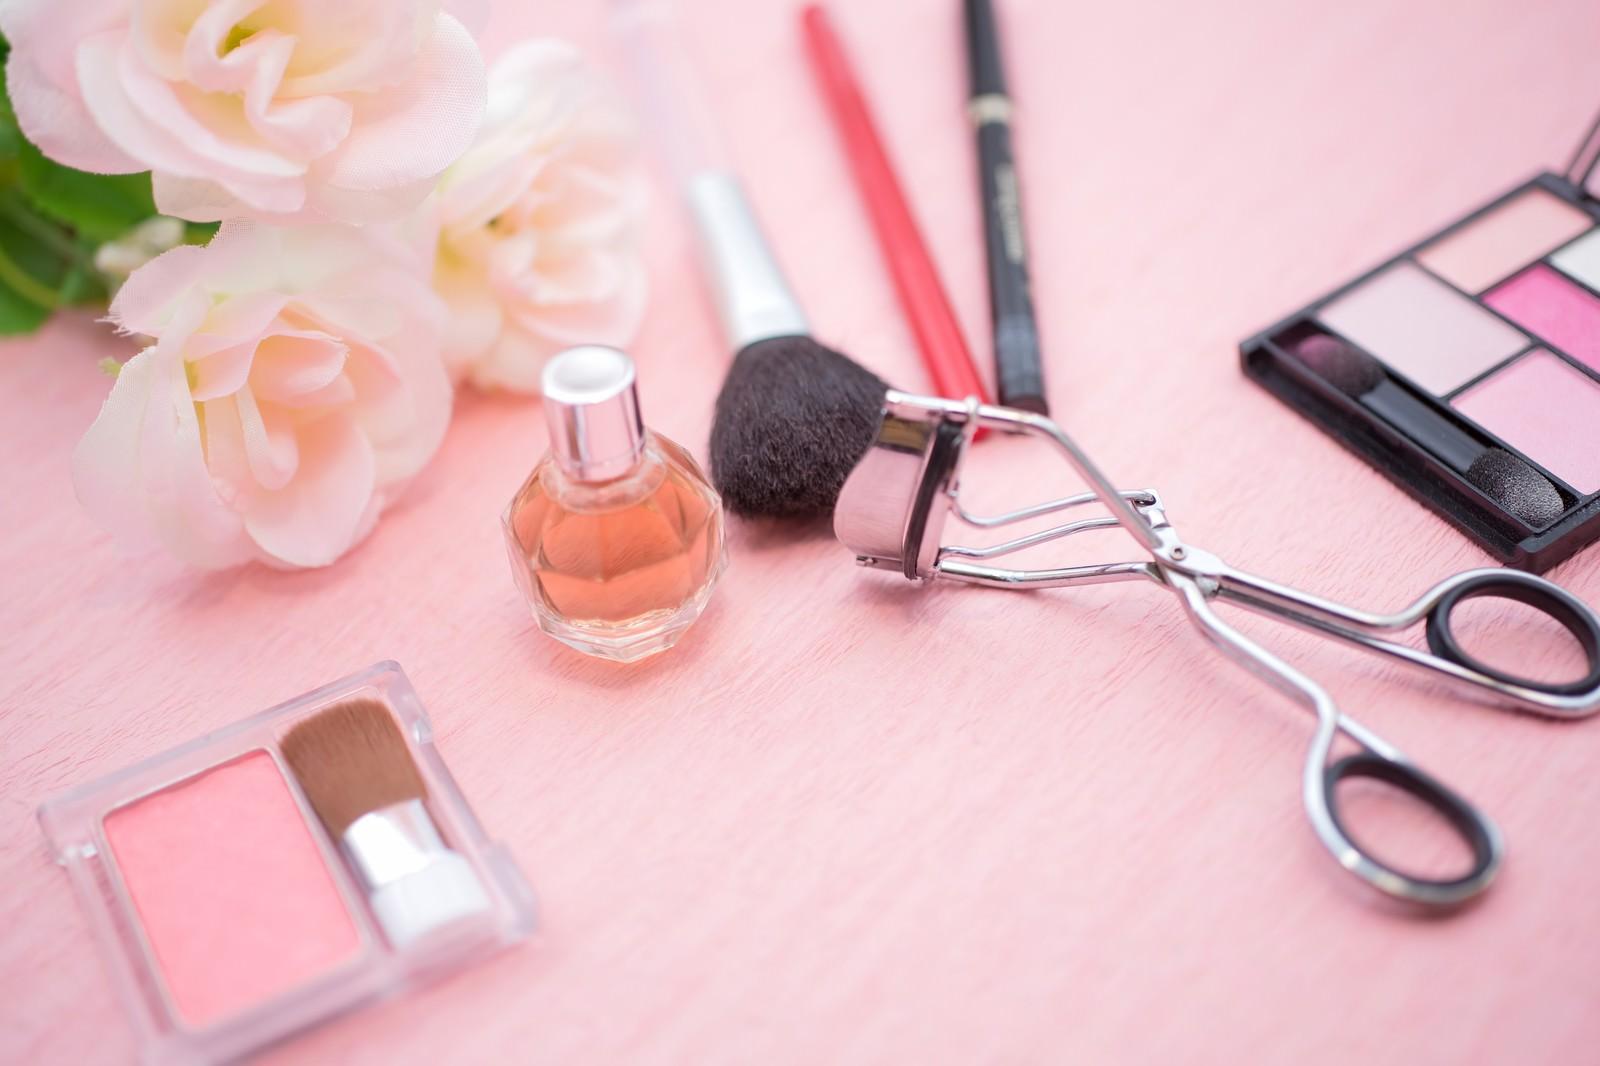 「化粧品とビューラーなど化粧品とビューラーなど」のフリー写真素材を拡大